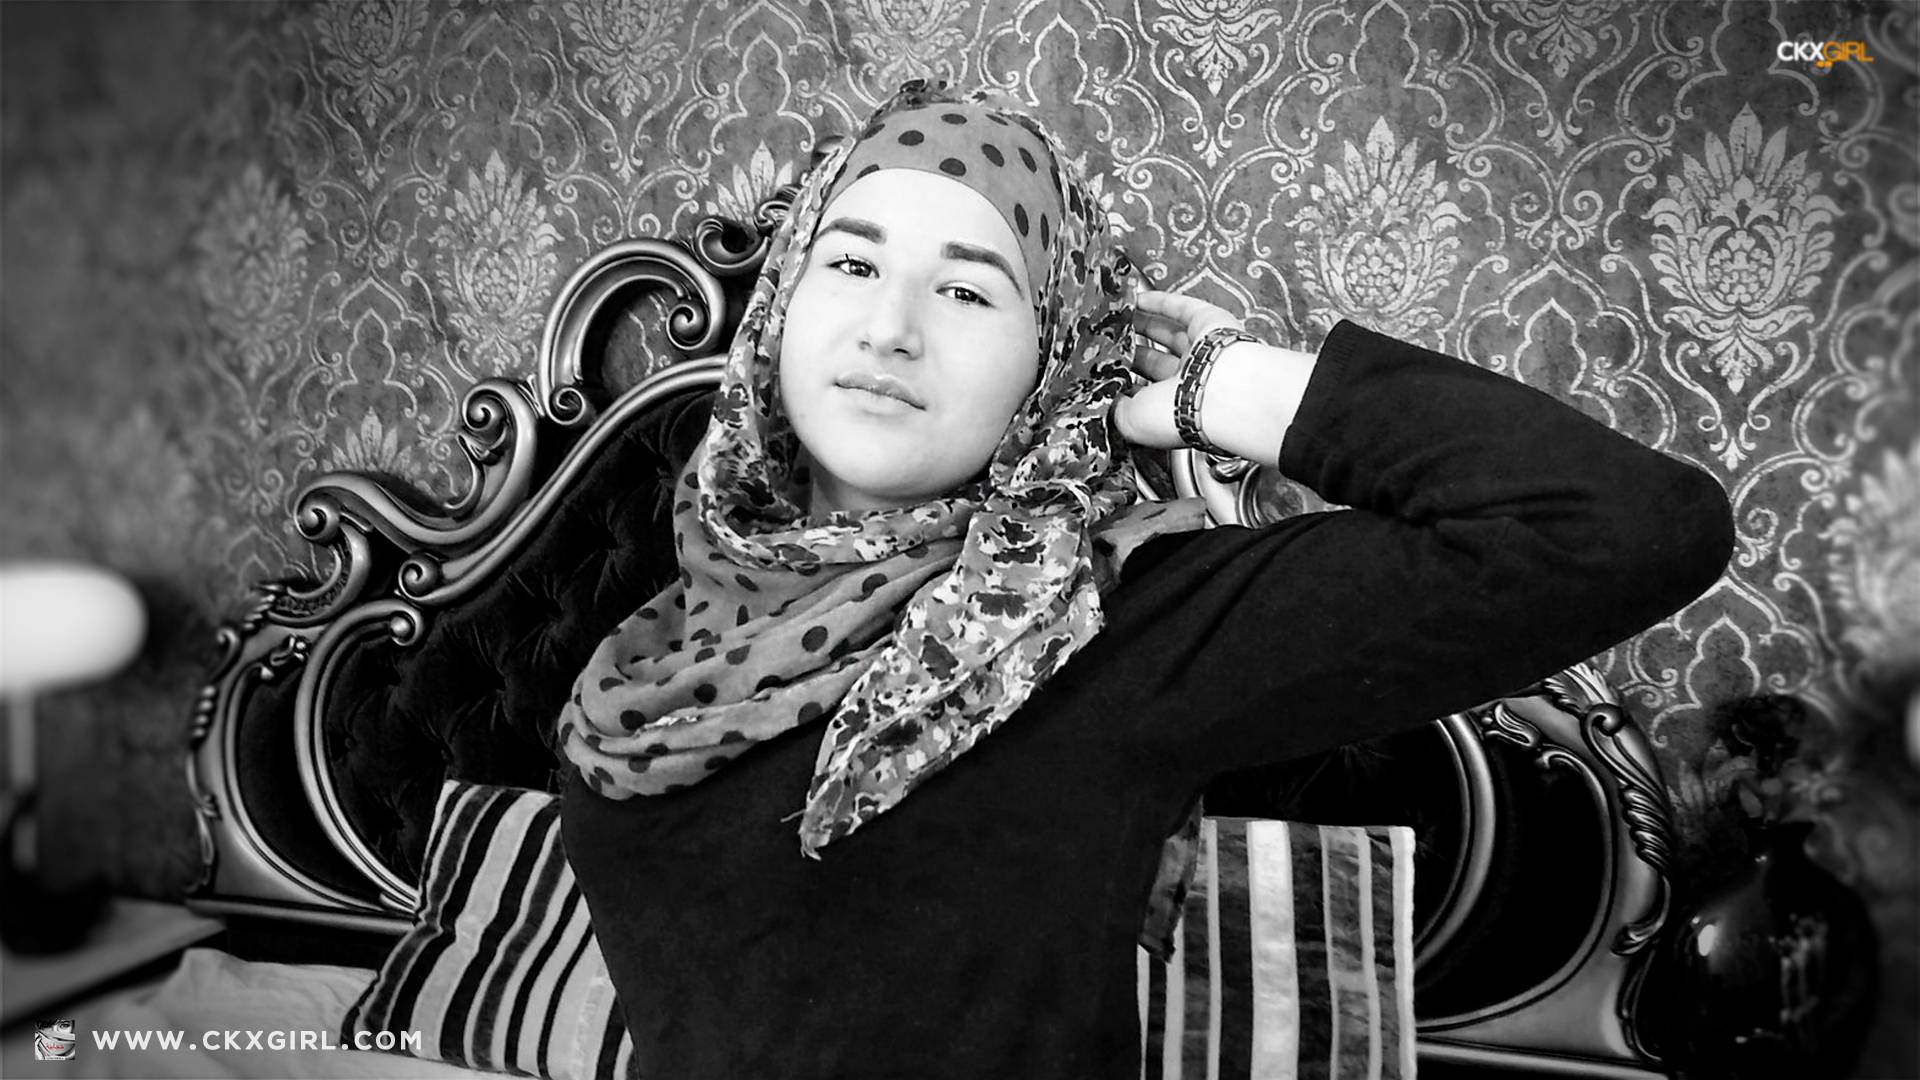 🔥 NEW Girl ▶ ArabianKalima